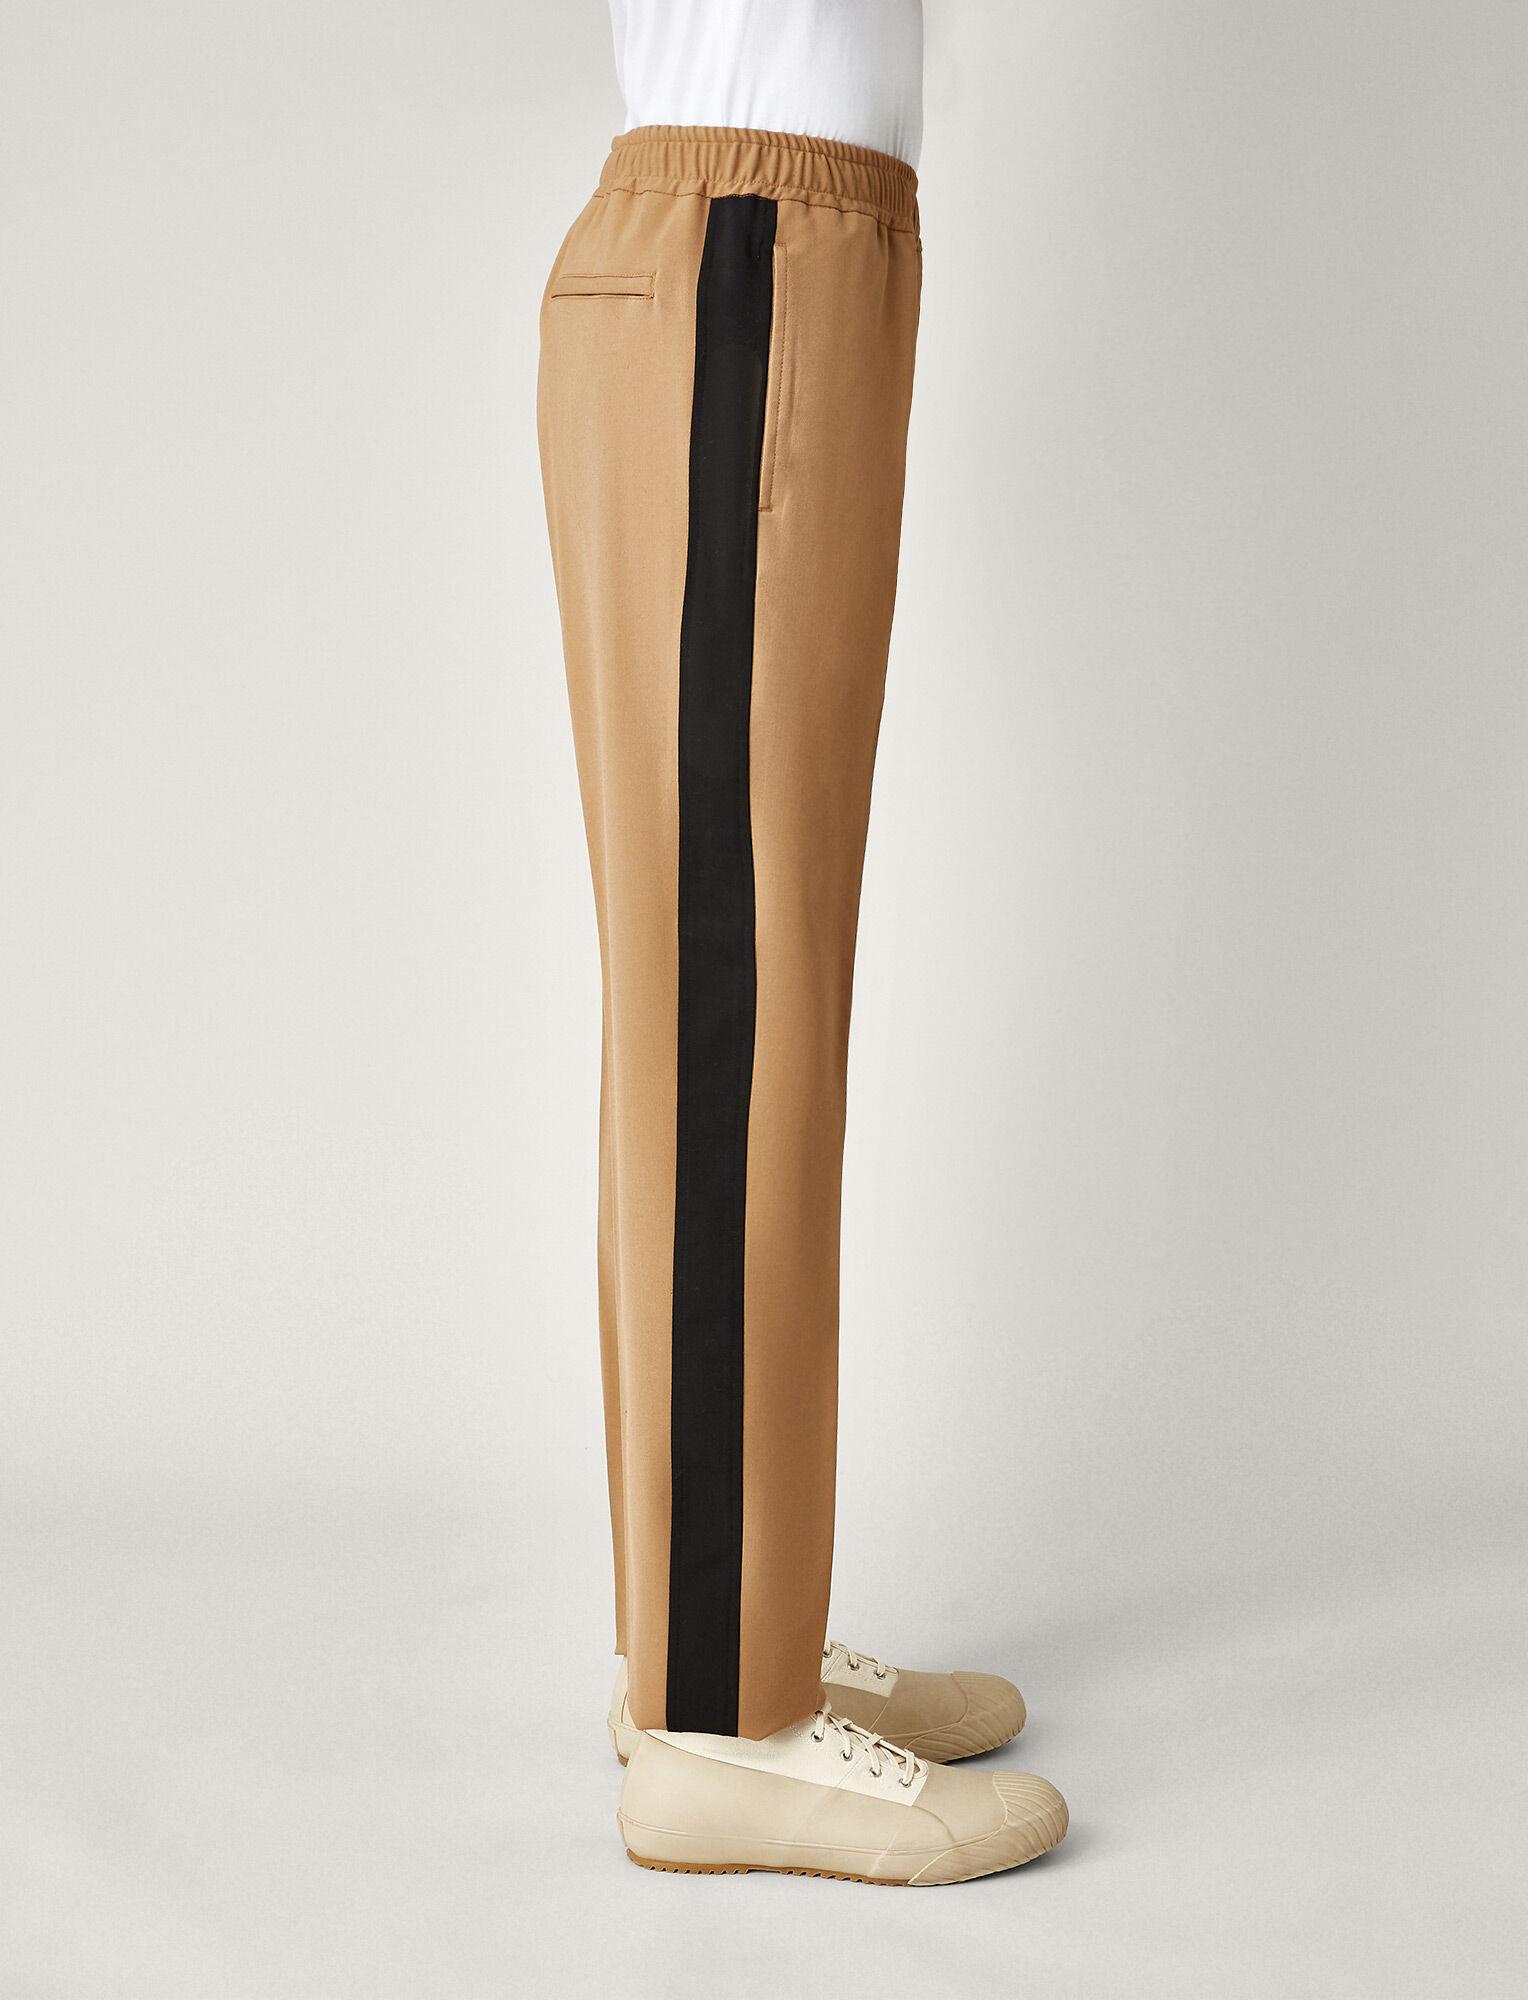 Joseph, Eza Techno Wool Stretch Tricolours Trousers, in CAMEL COMBO